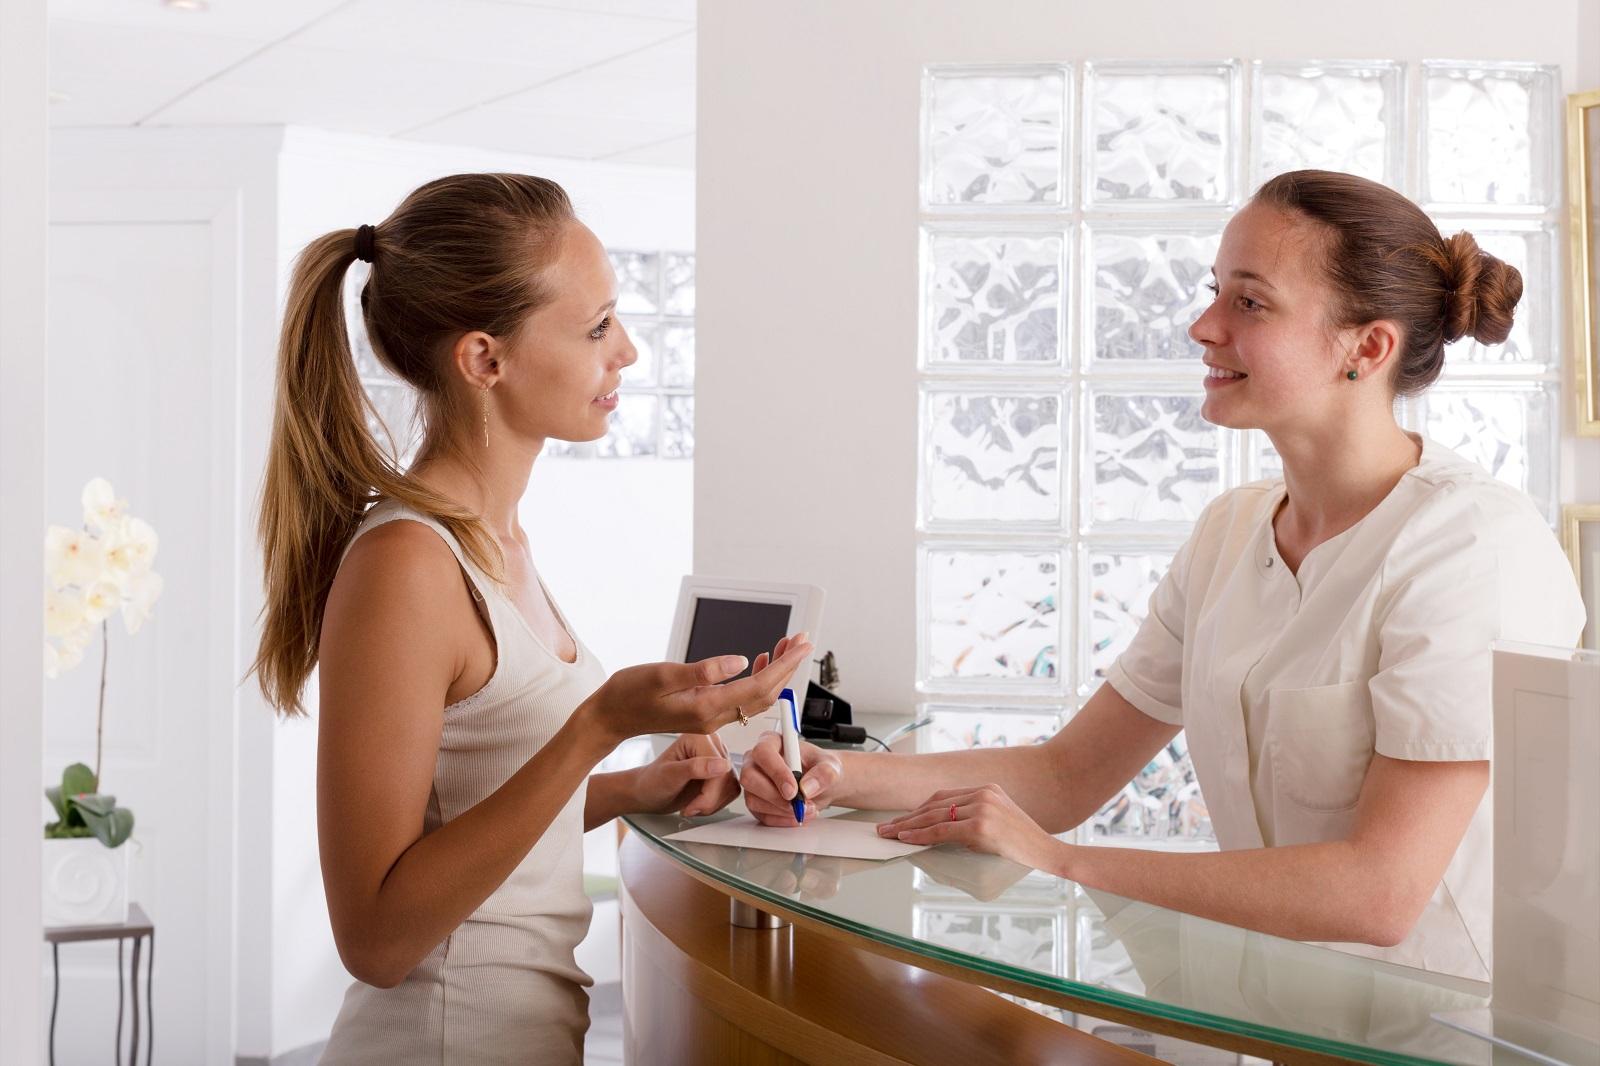 fidelizar clientes en clinica estetica